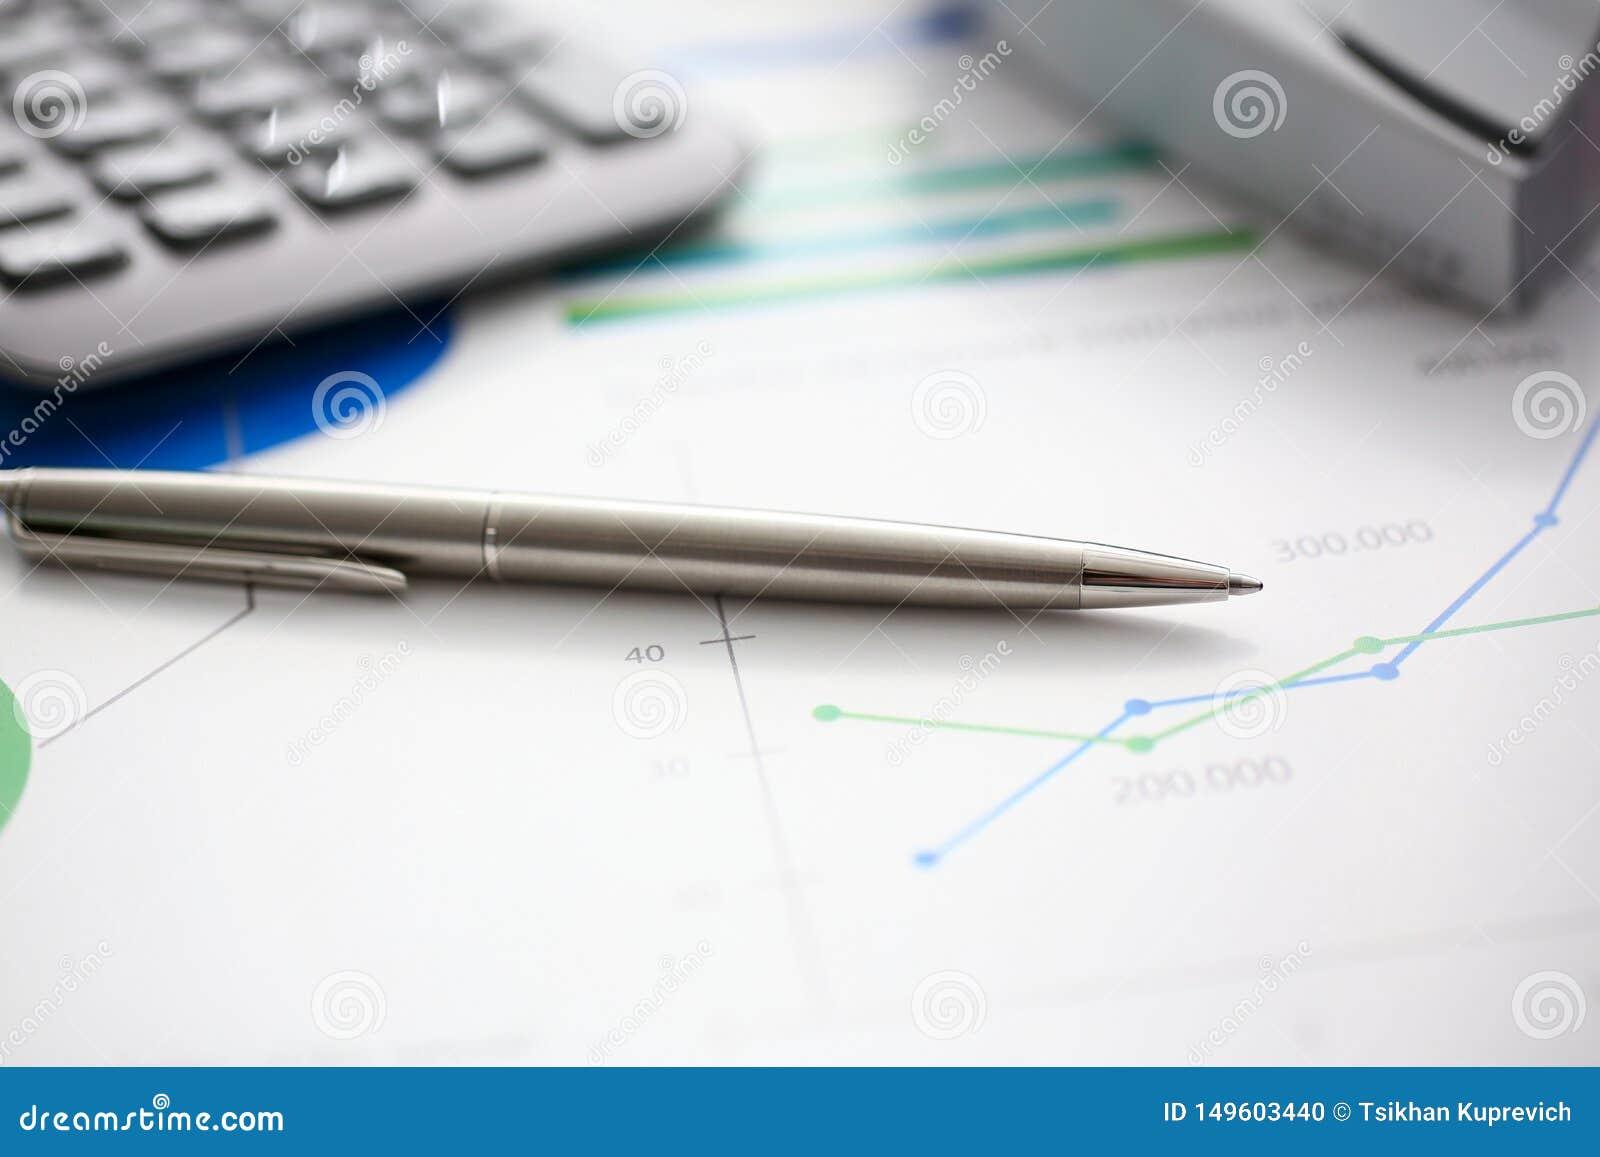 Pena e calculadora de prata no local de trabalho pronto para ser usado